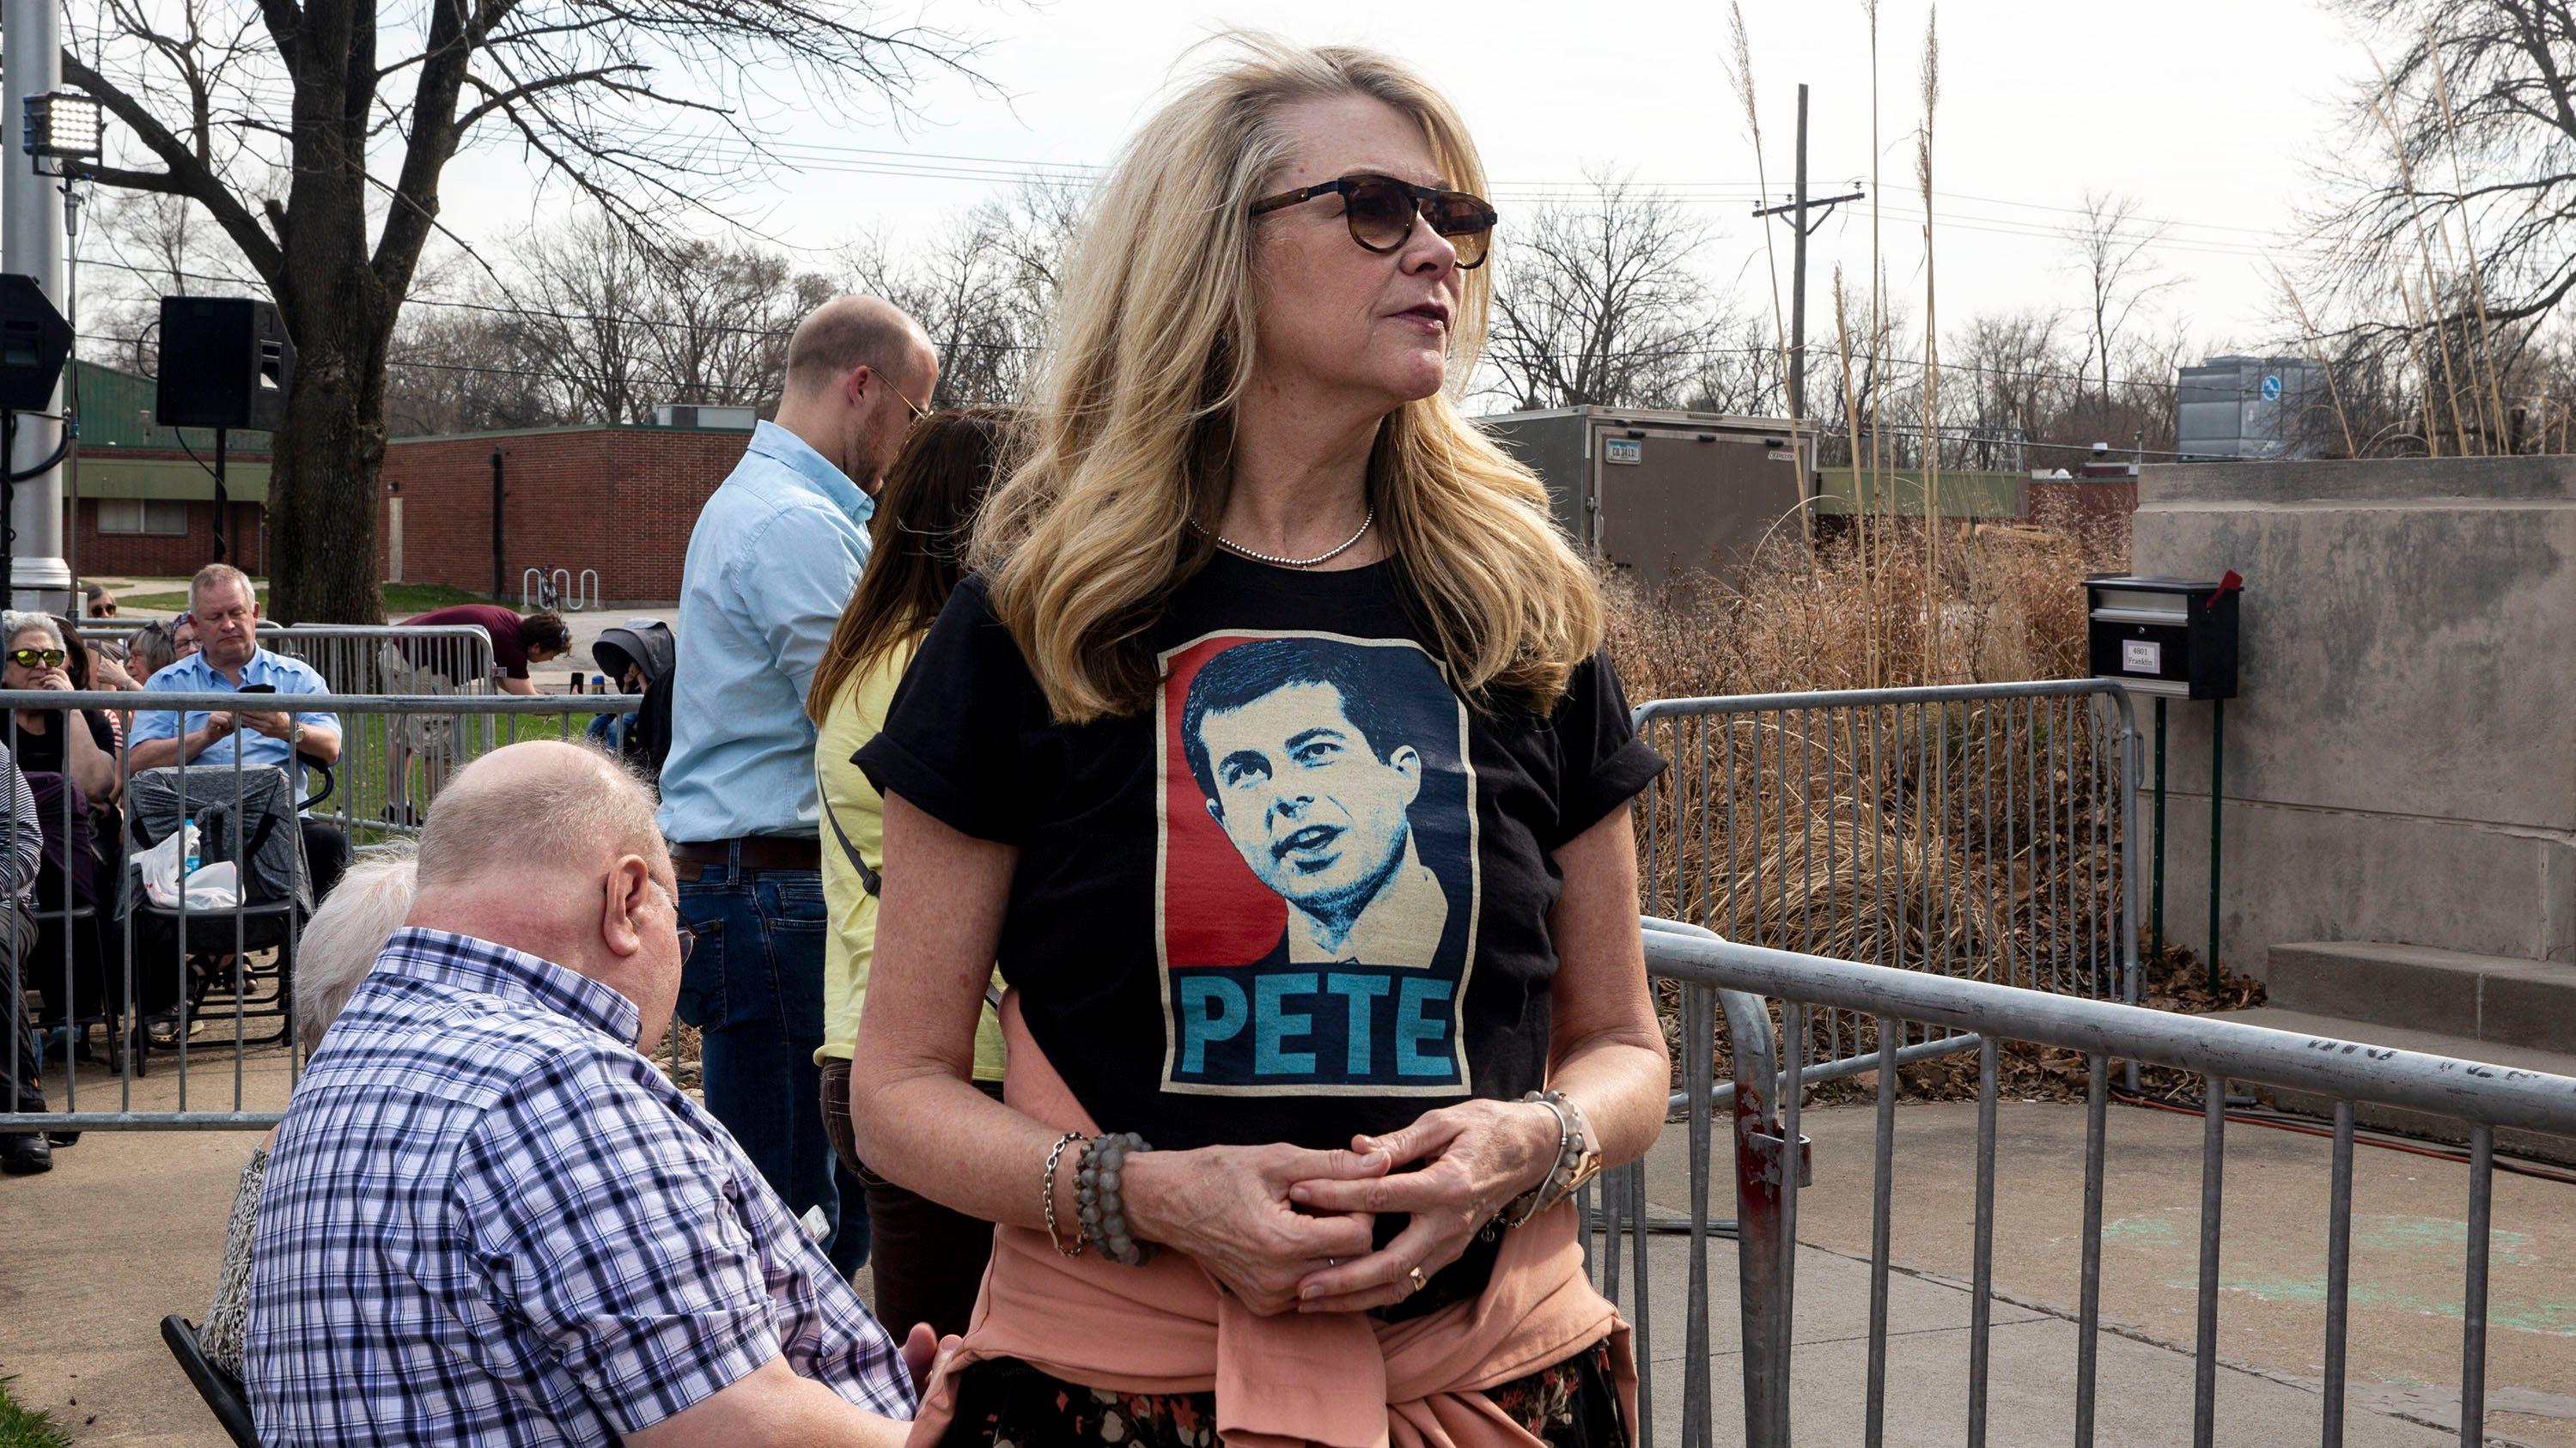 Photos: Pete Buttigieg makes trip to Iowa as presidential candidate